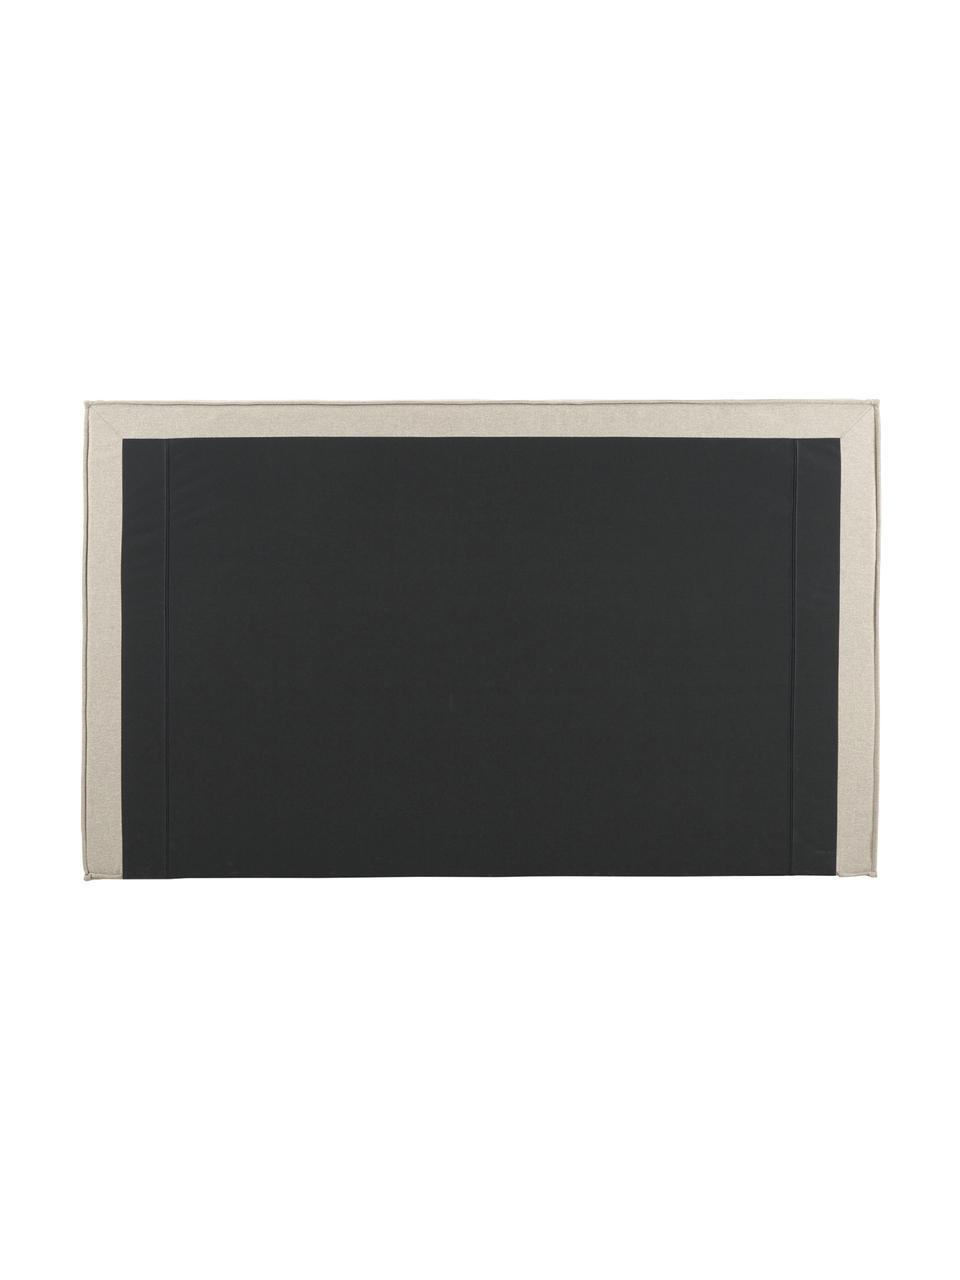 Polsterbett Dream mit Stauraum in dunklem Beige, Korpus: Massives Kiefernholz und , Bezug: Polyester (Strukturstoff), Webstoff dunkles Beige, 180 x 200 cm